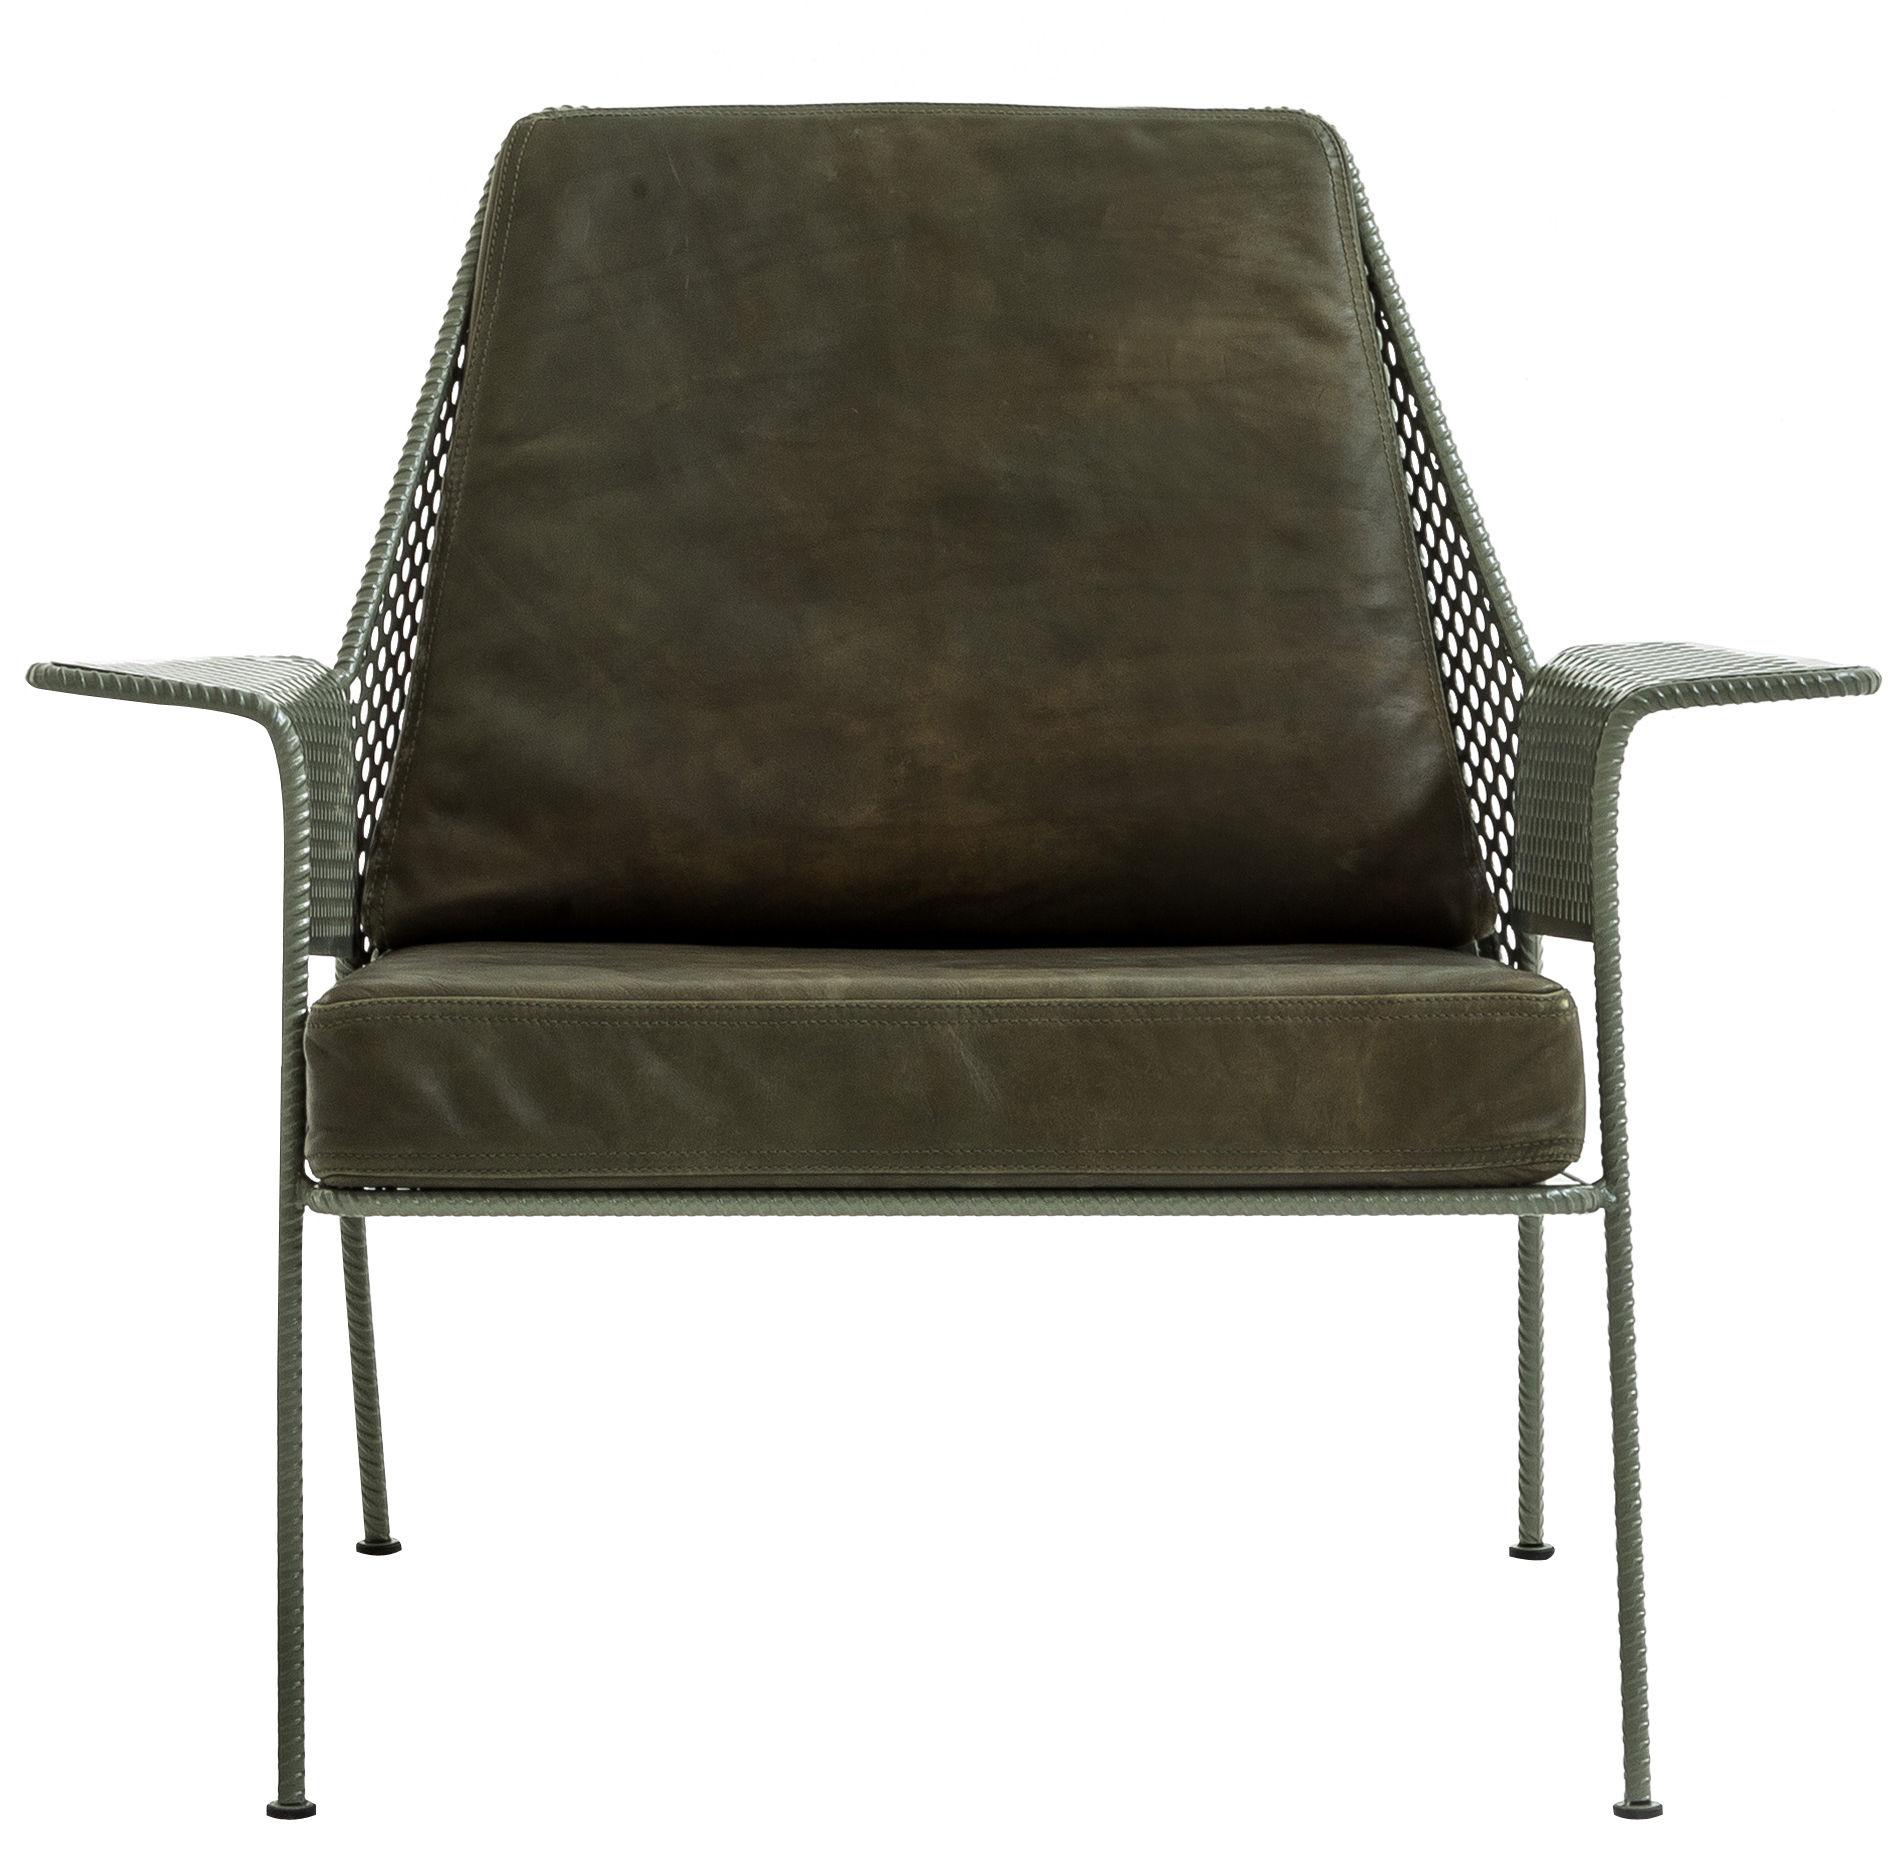 Fauteuil rembourr work is over cuir cuir vert kaki structure gris vert - Maison du monde fauteuil suspendu ...